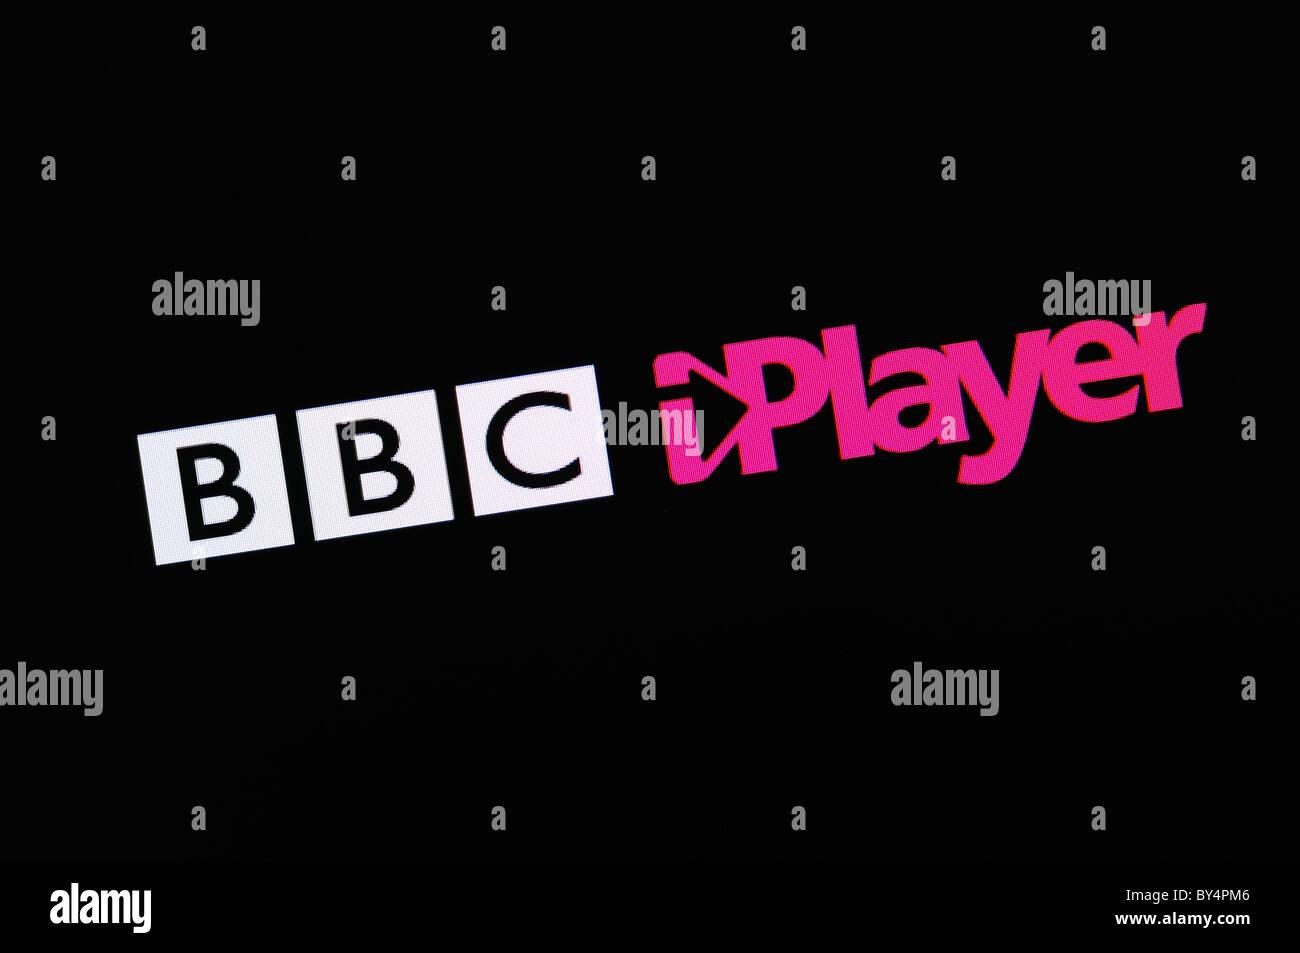 BBC iPlayer Screenshot - Stock Image